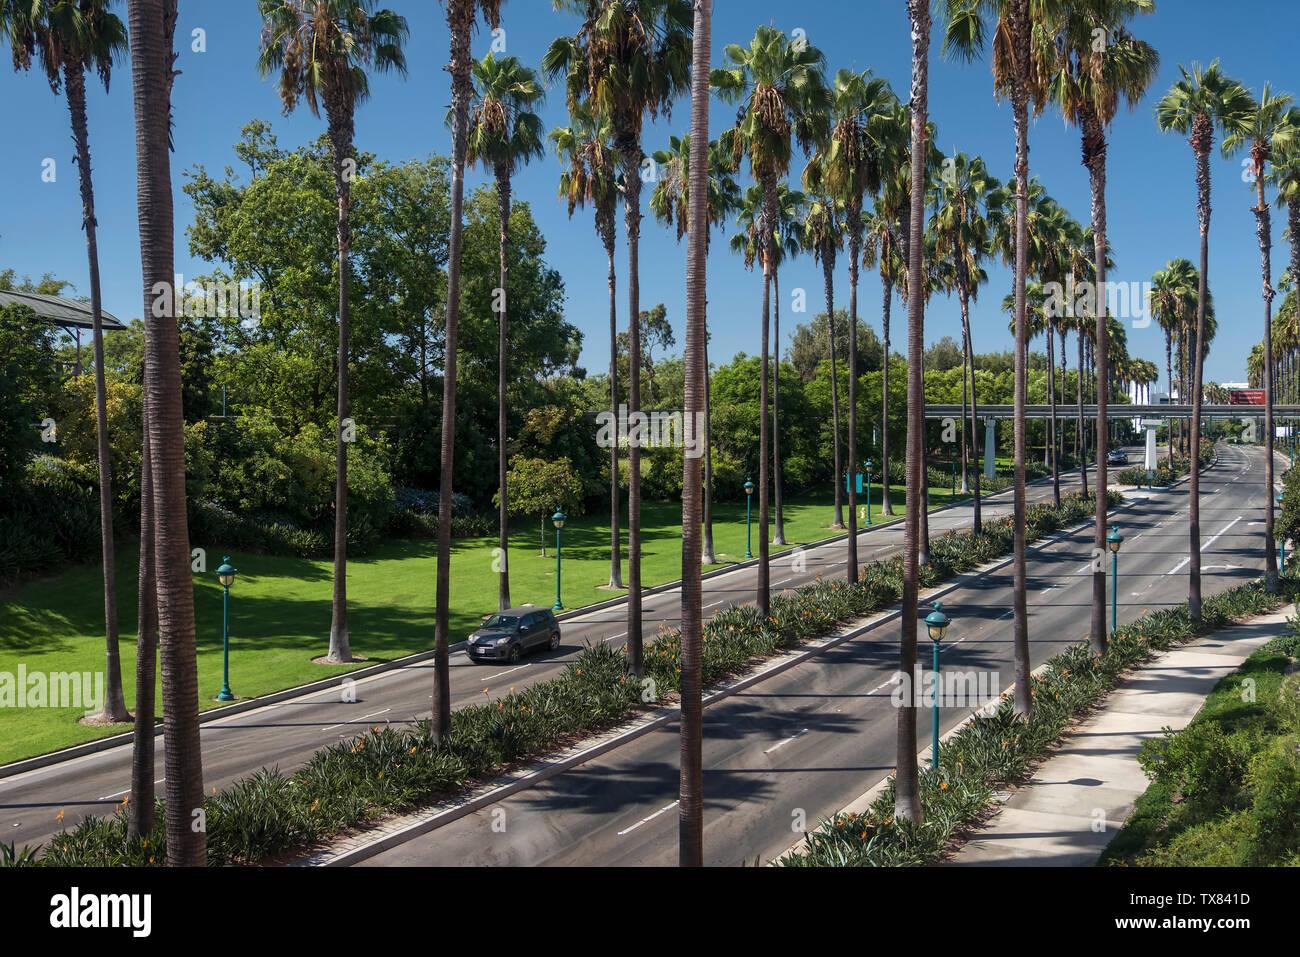 Típica carretera bordeada de palmeras, Anaheim, Los Ángeles, California, Estados Unidos. Foto de stock